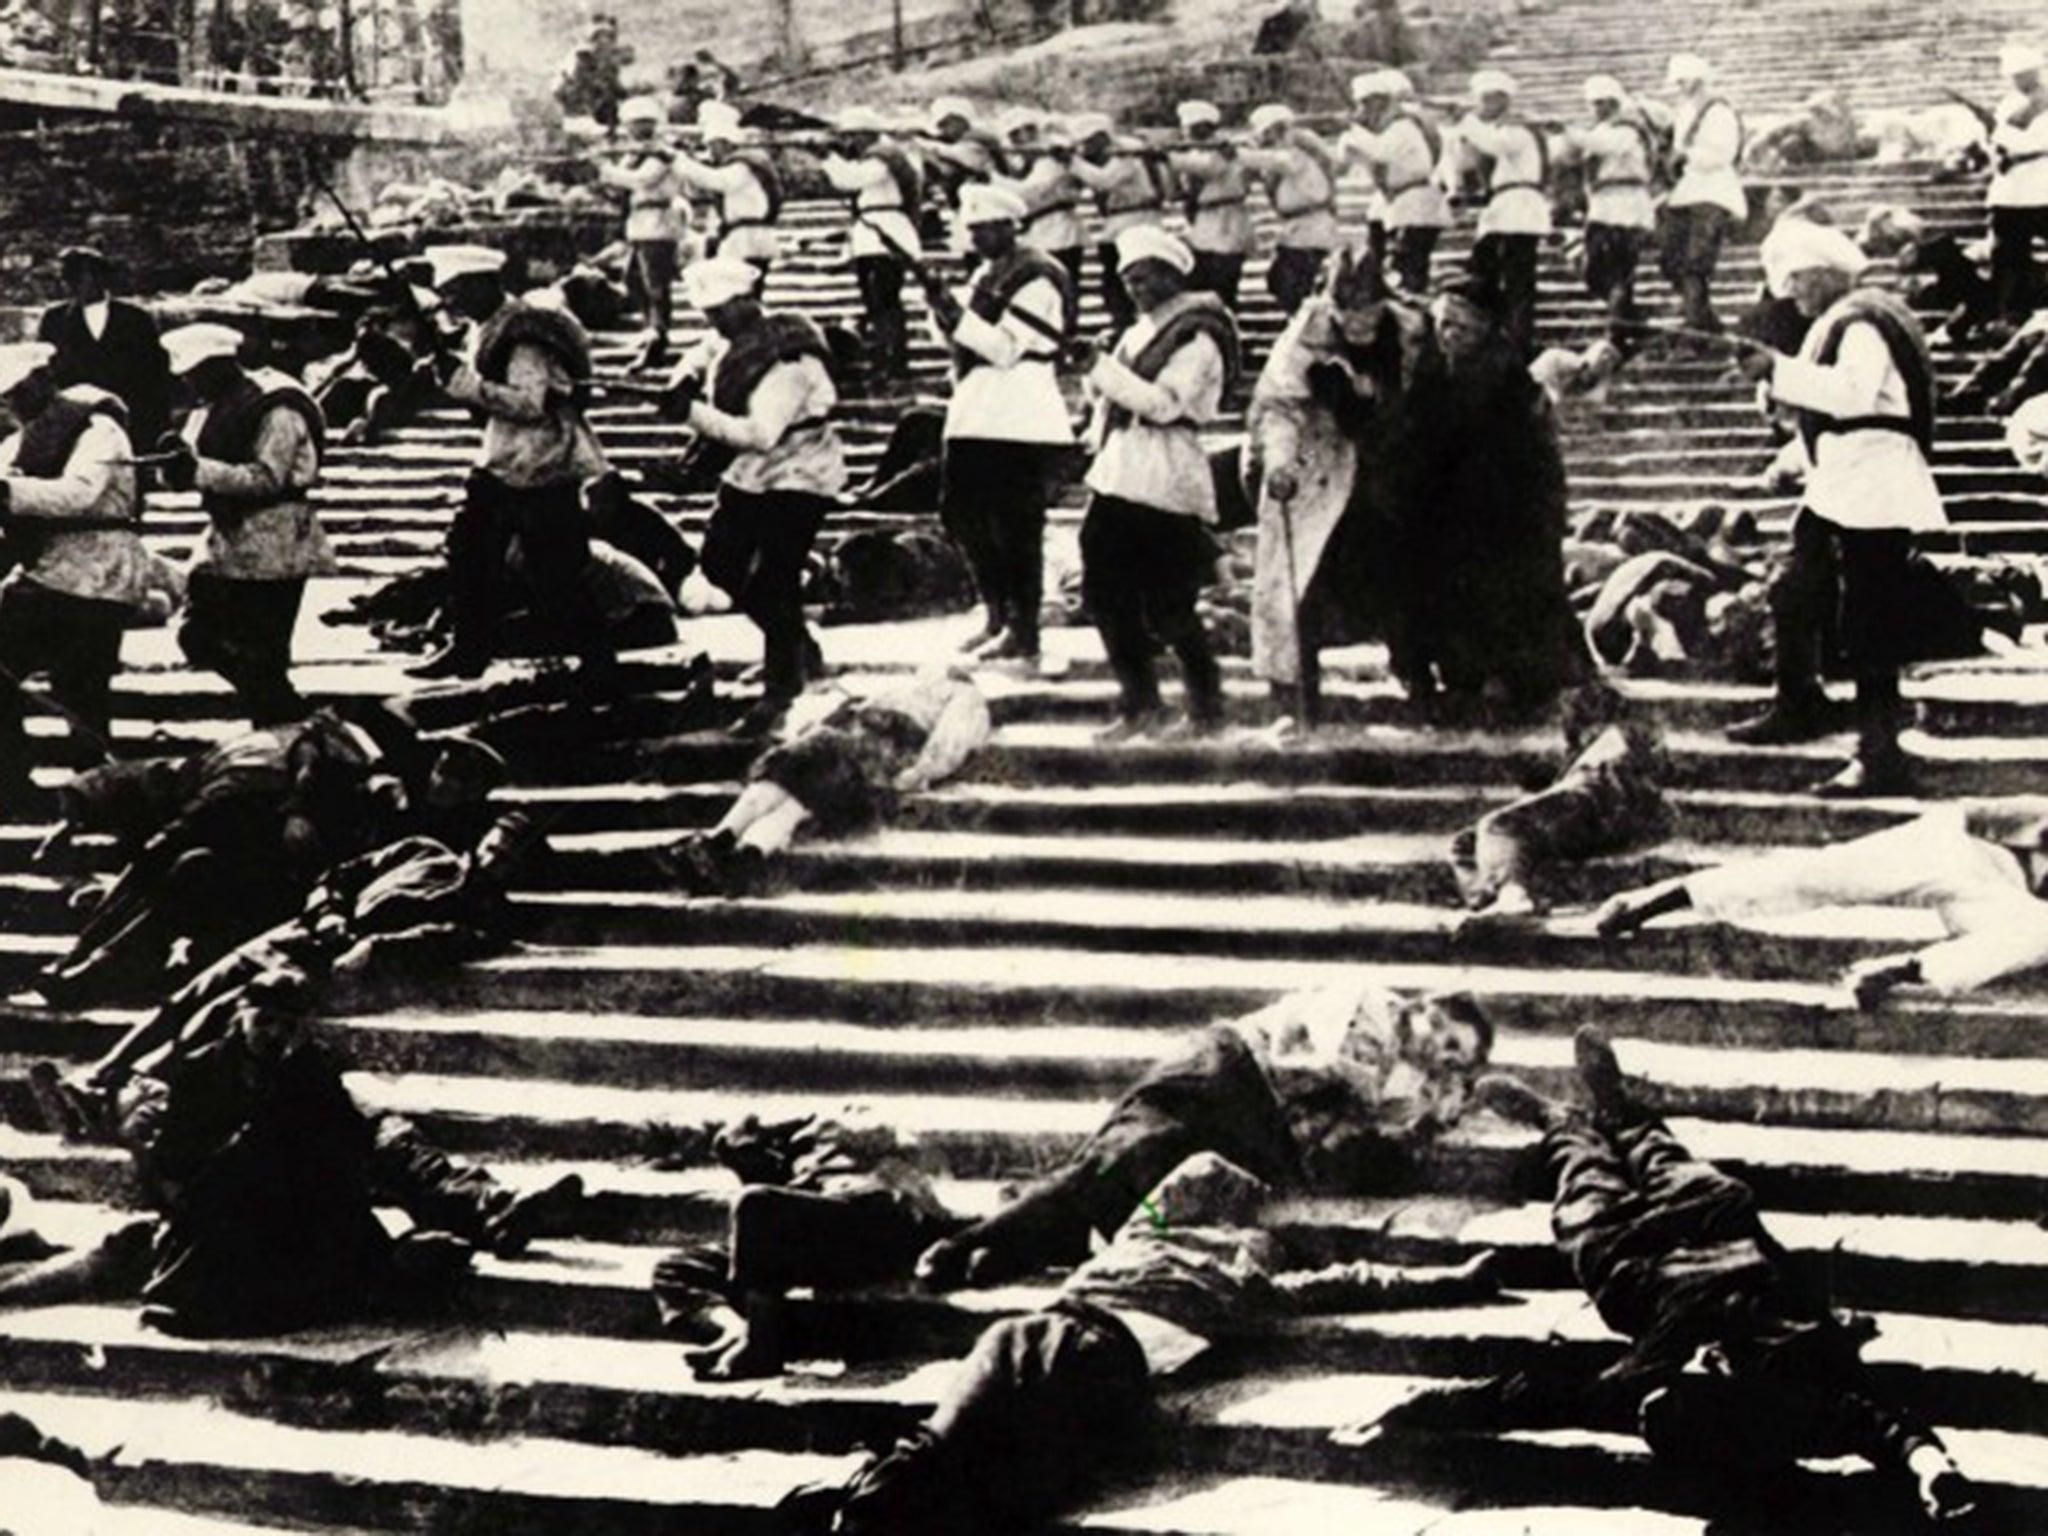 Sergei Eisenstein and his legendary films 65